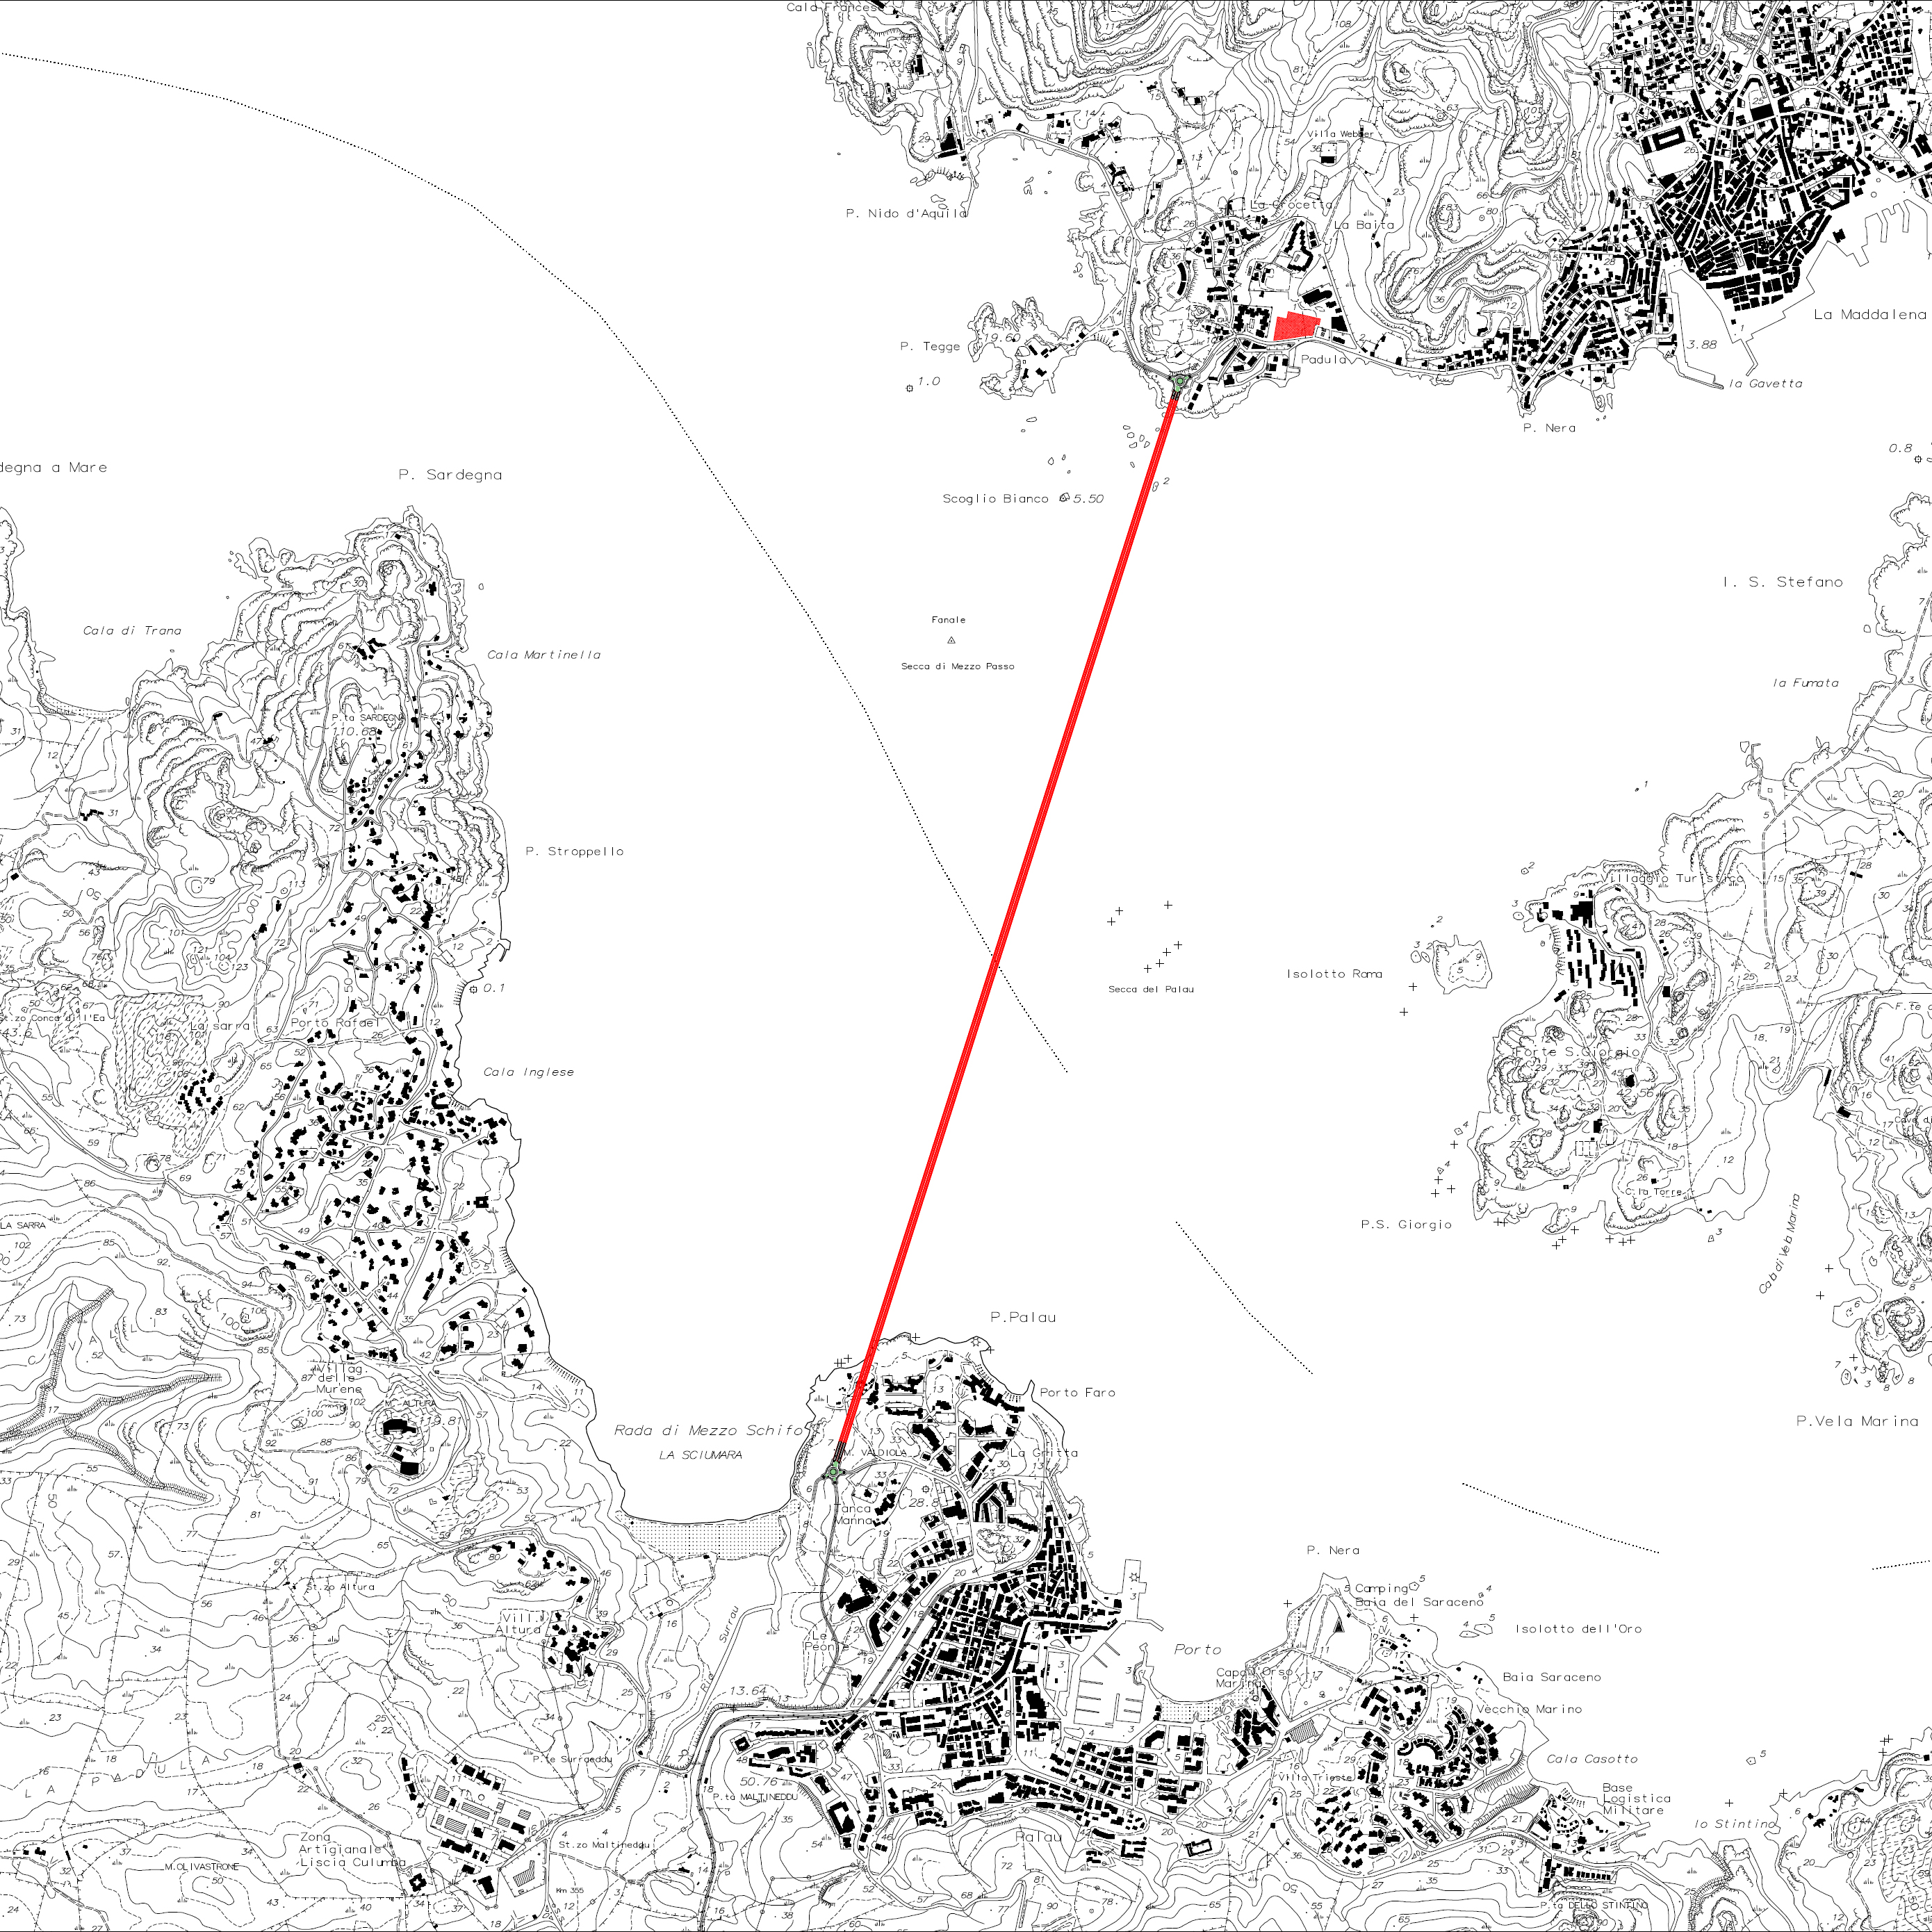 Le novità sul tunnel che collegherà La Maddalena a Palau